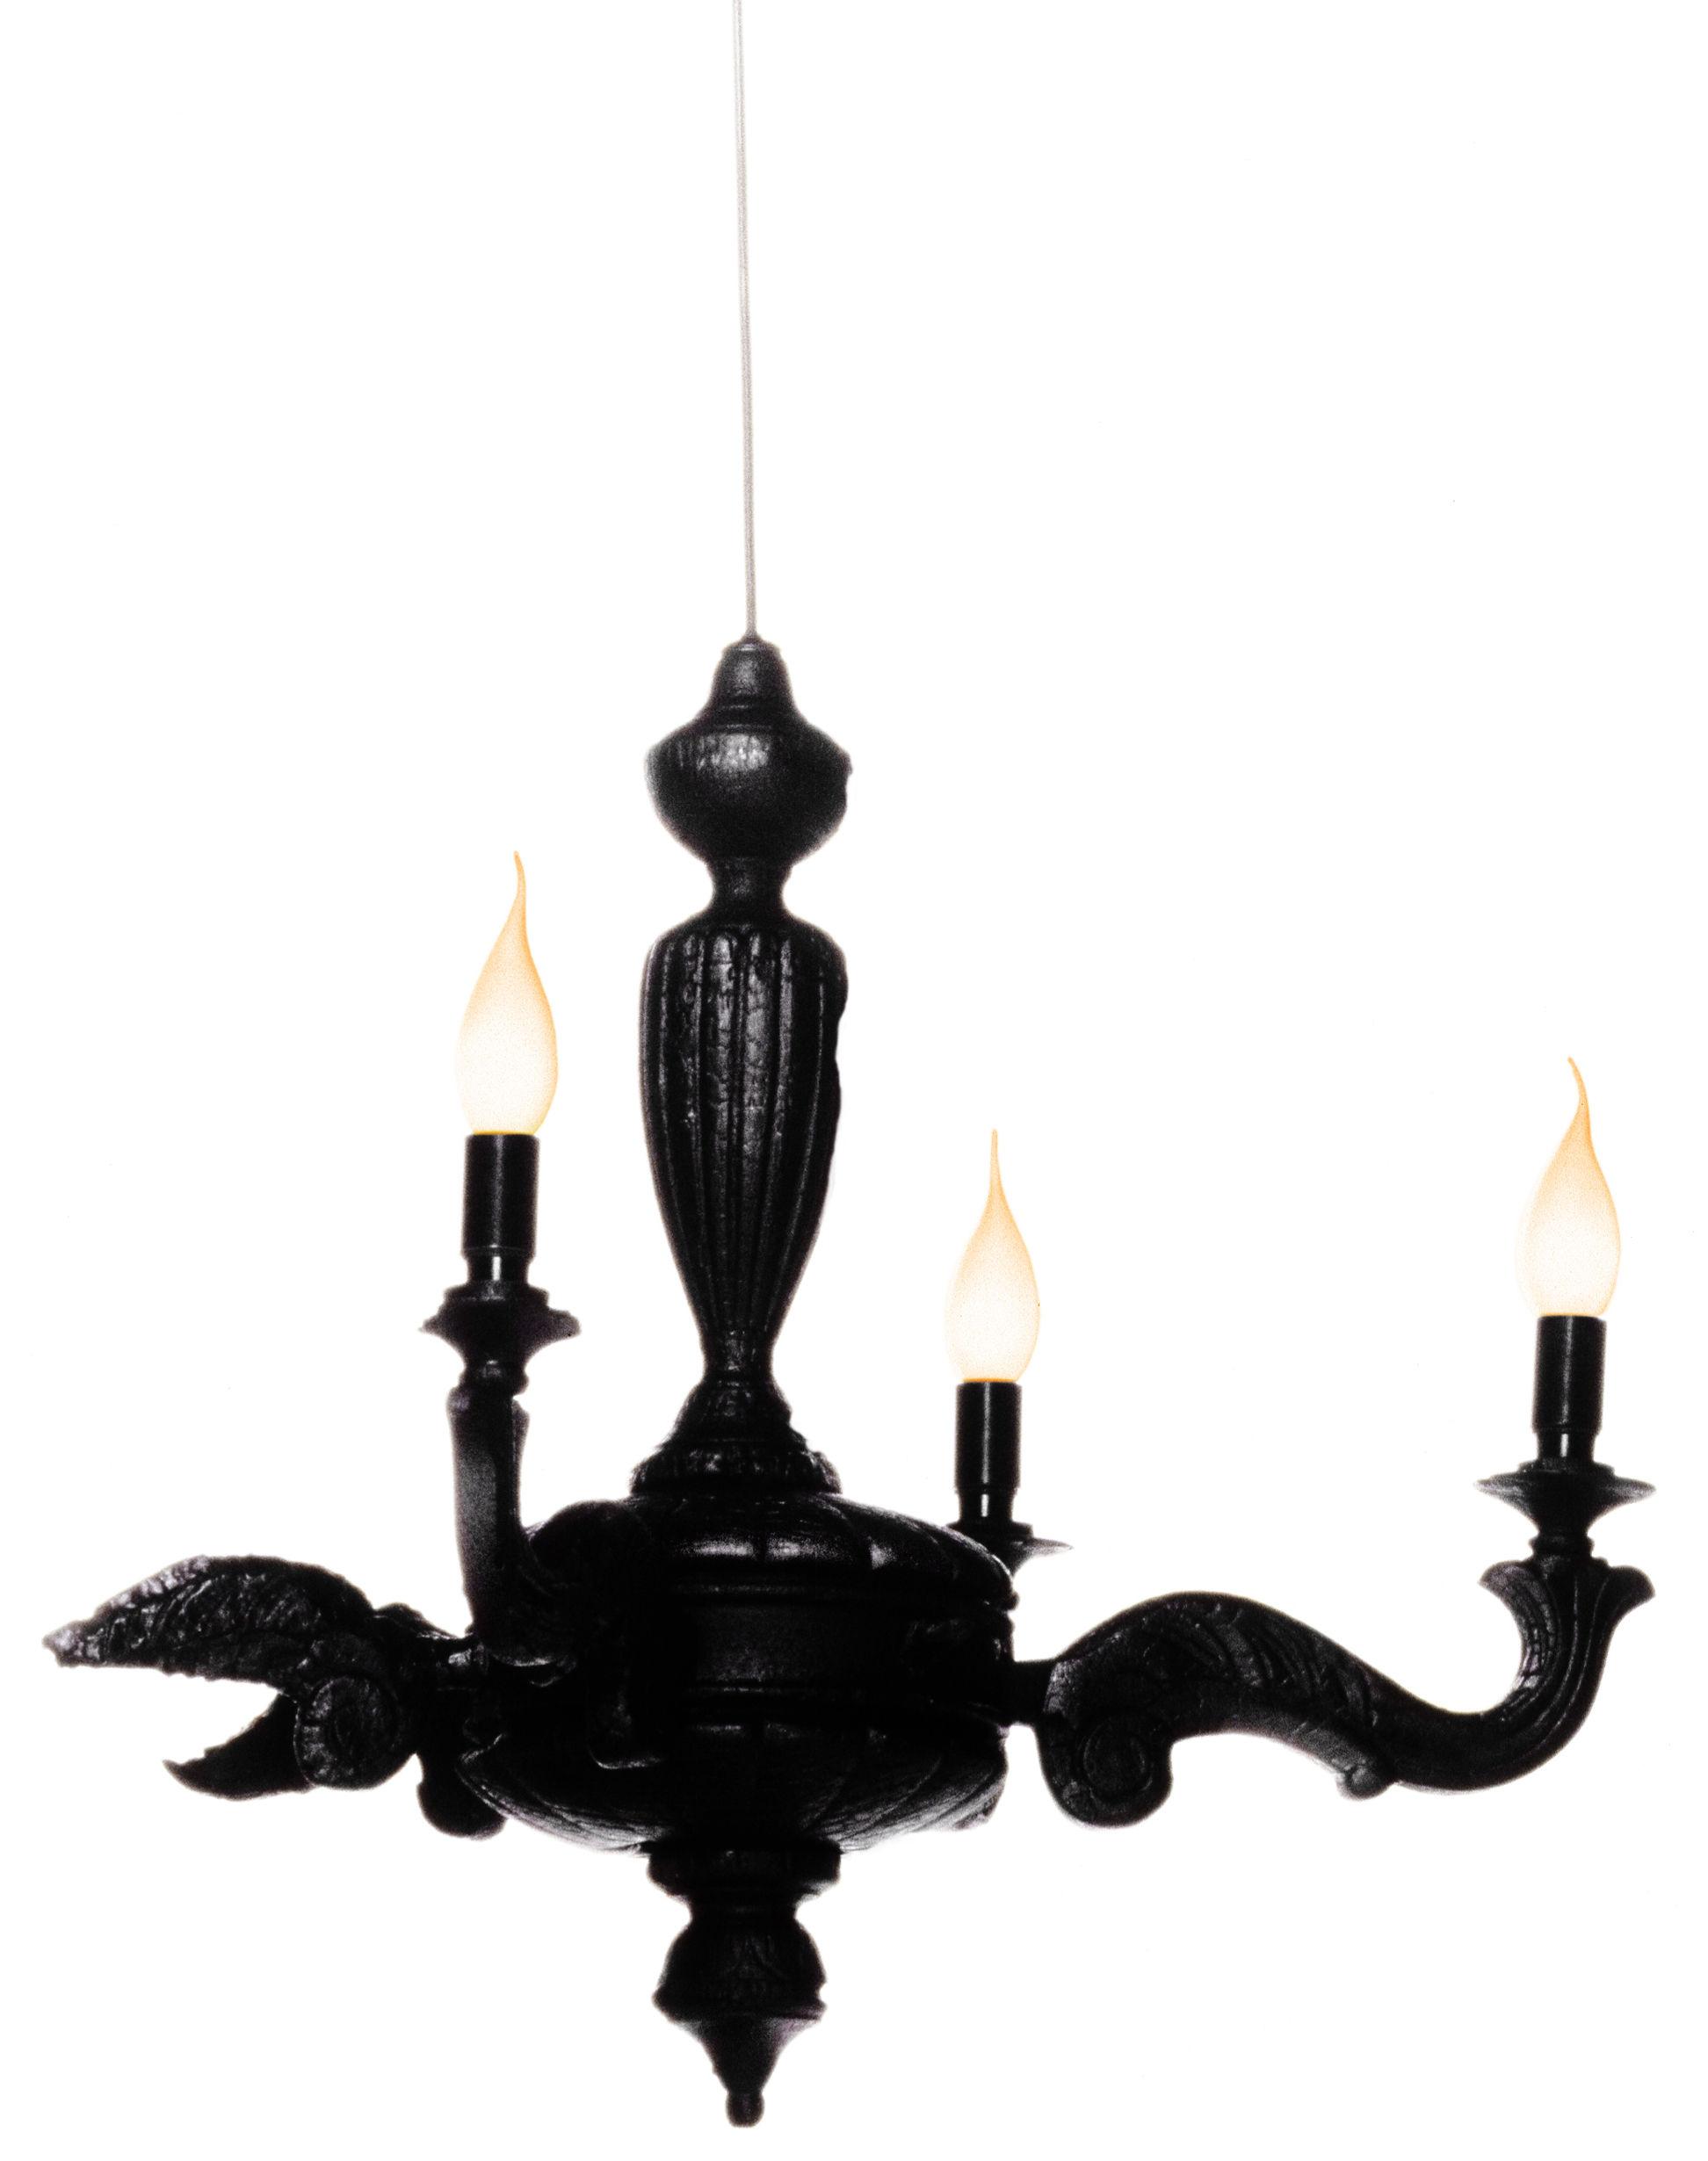 Illuminazione - Lampadari - Sospensione Smoke Chandelier di Moooi - Noir - Legno finito a fuoco